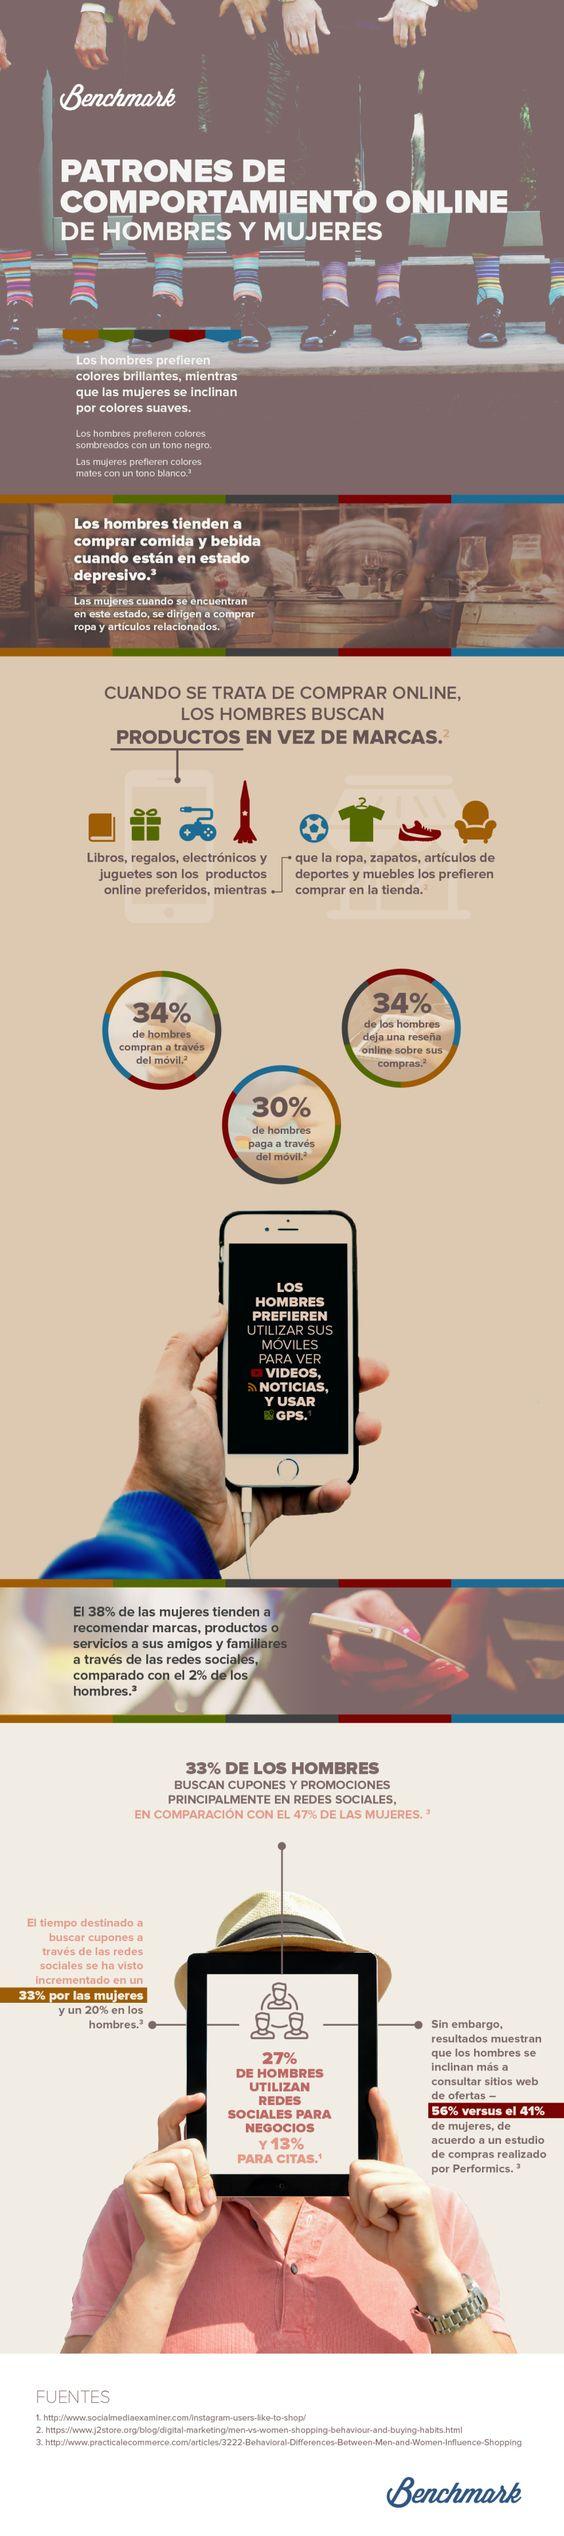 Patrones de comportamiento online de hombres y mujeres #infografia